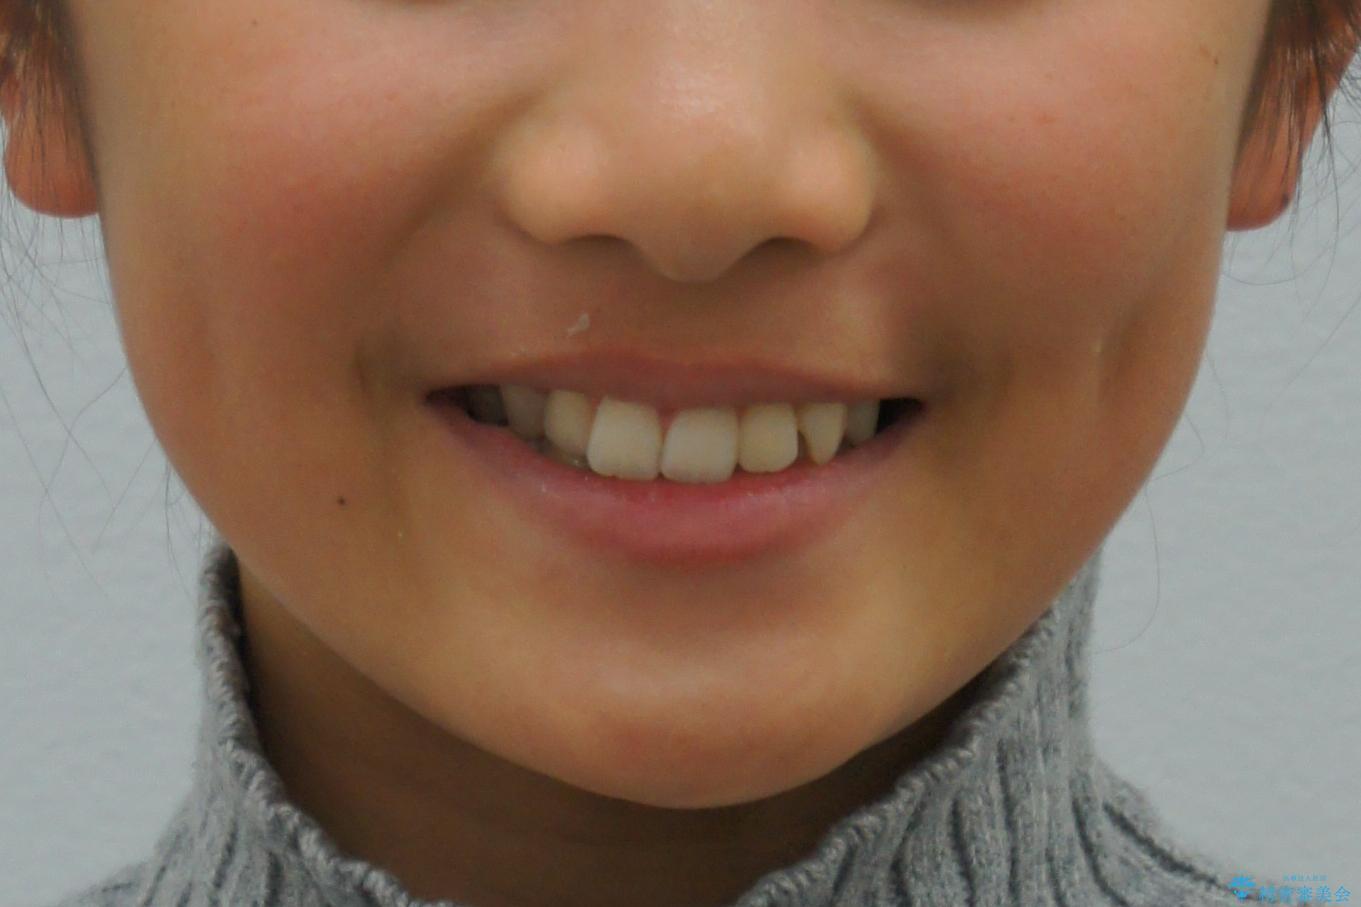 埋まっている犬歯を抜歯して、歯列矯正の治療前(顔貌)